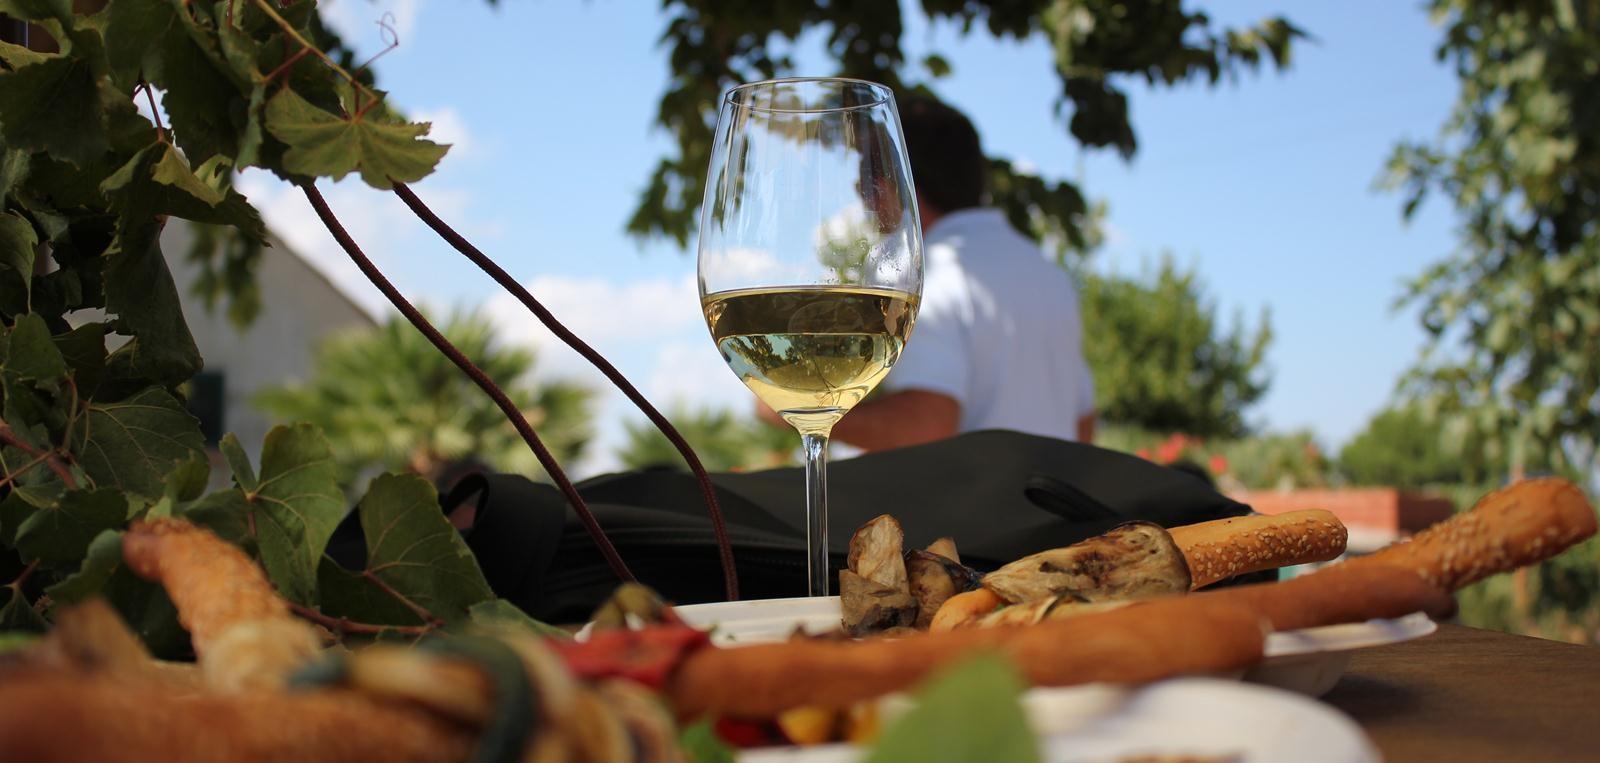 Turismo esperienziale e vino